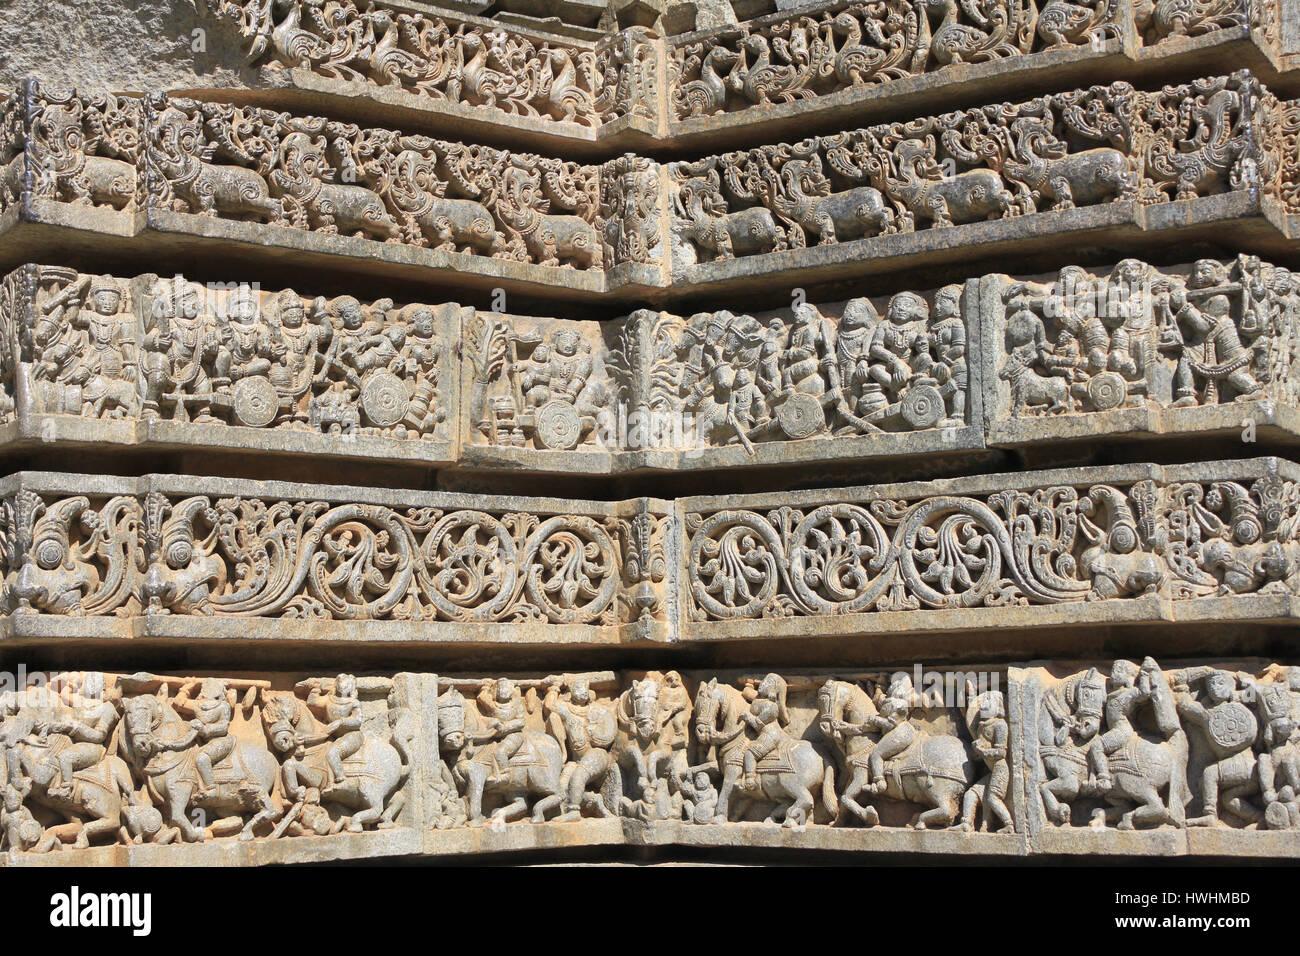 Nahaufnahme von Schrein Wand Relief Skulptur folgt einen Ganglion Plan, Darstellung Schwäne, Makara(imaginary beast), hinduistischen Puranas, Laub, Reiter und eleph Stockfoto